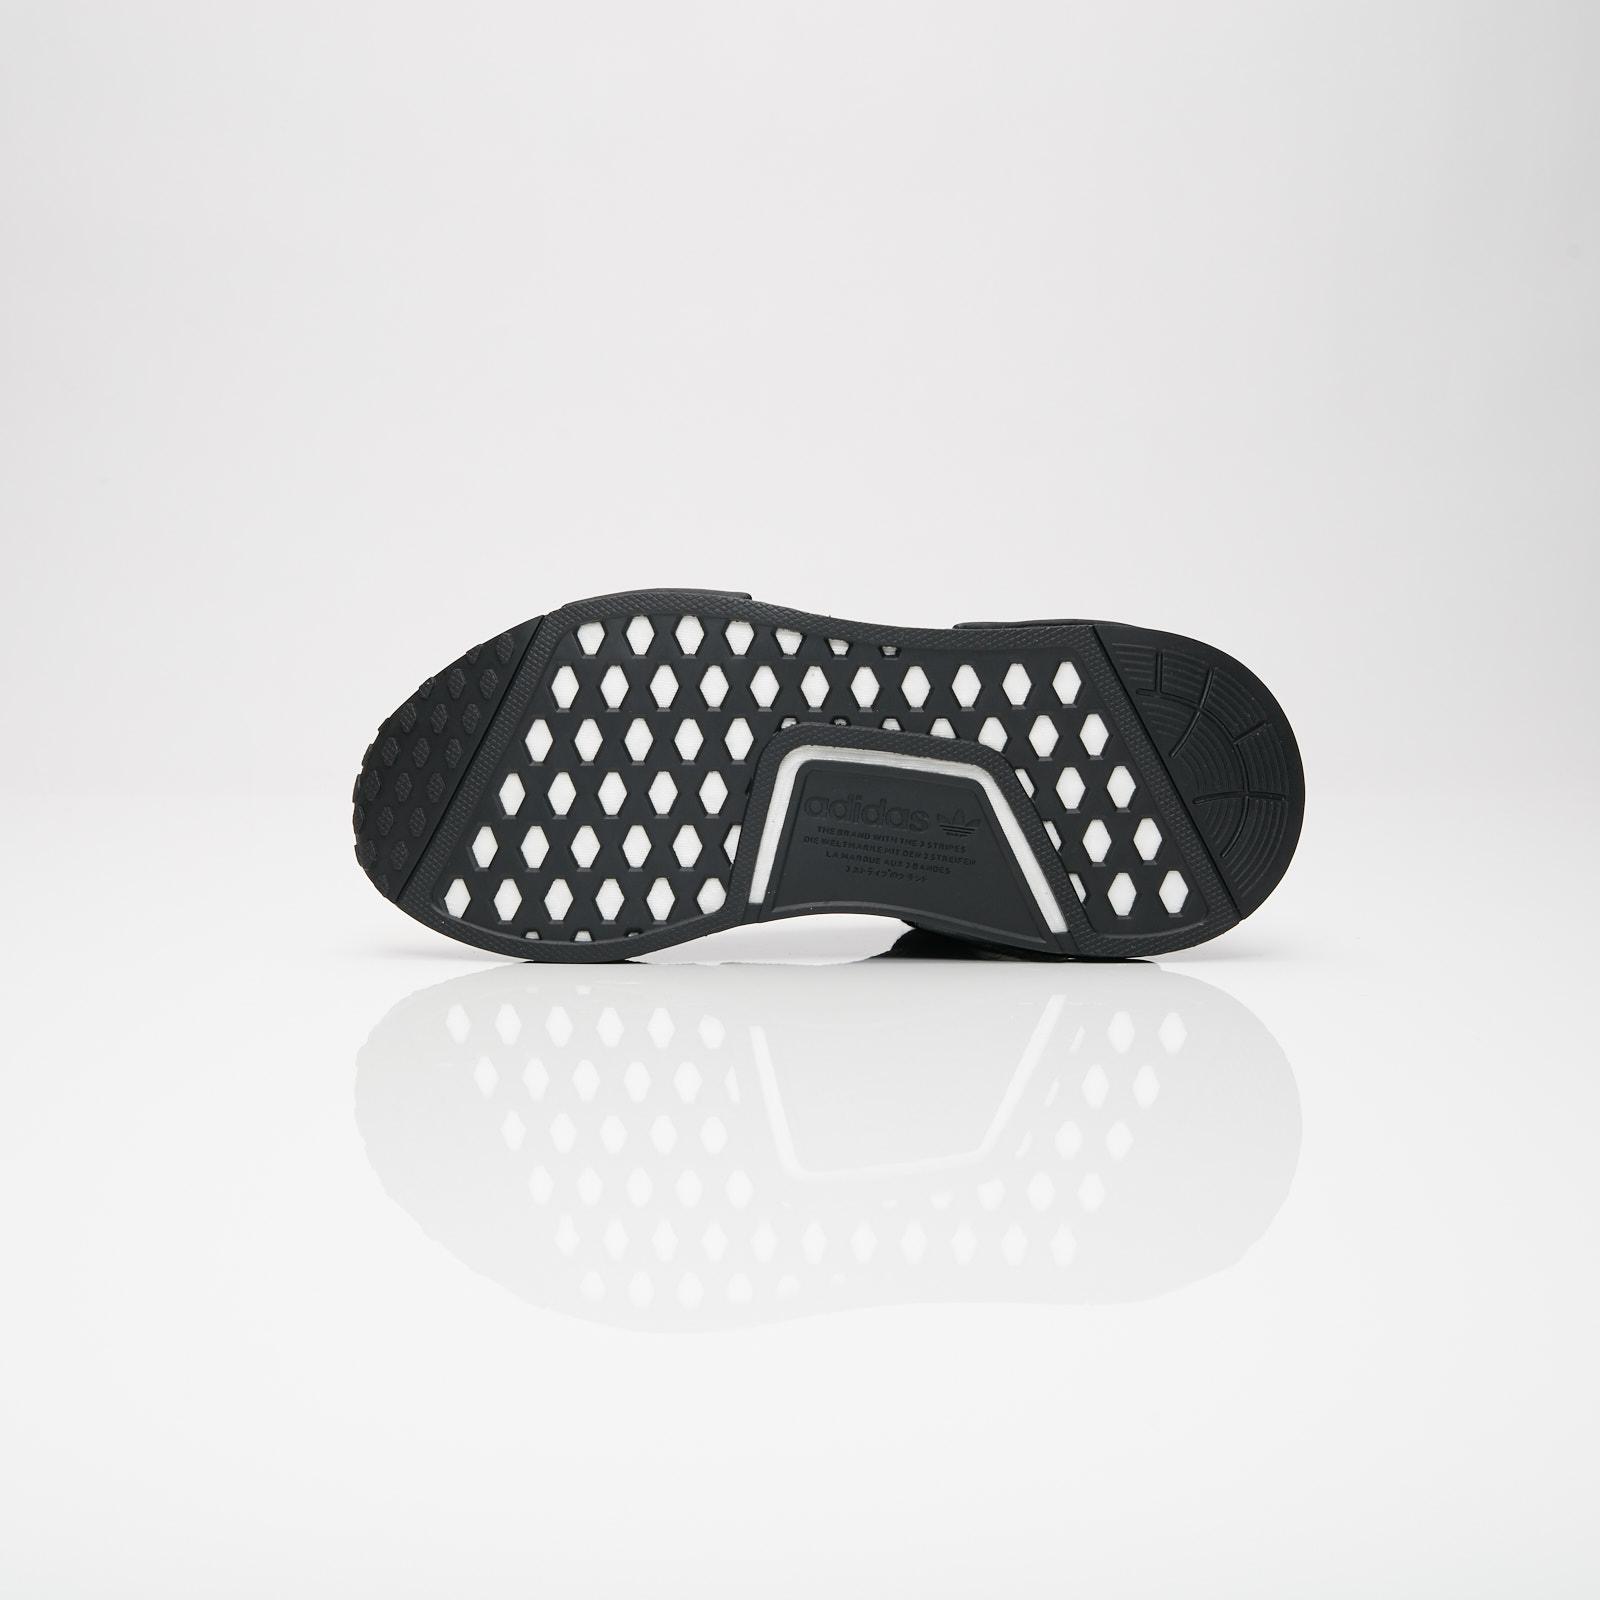 c94ec29f5 adidas NMD R1 W - Aq1102 - Sneakersnstuff